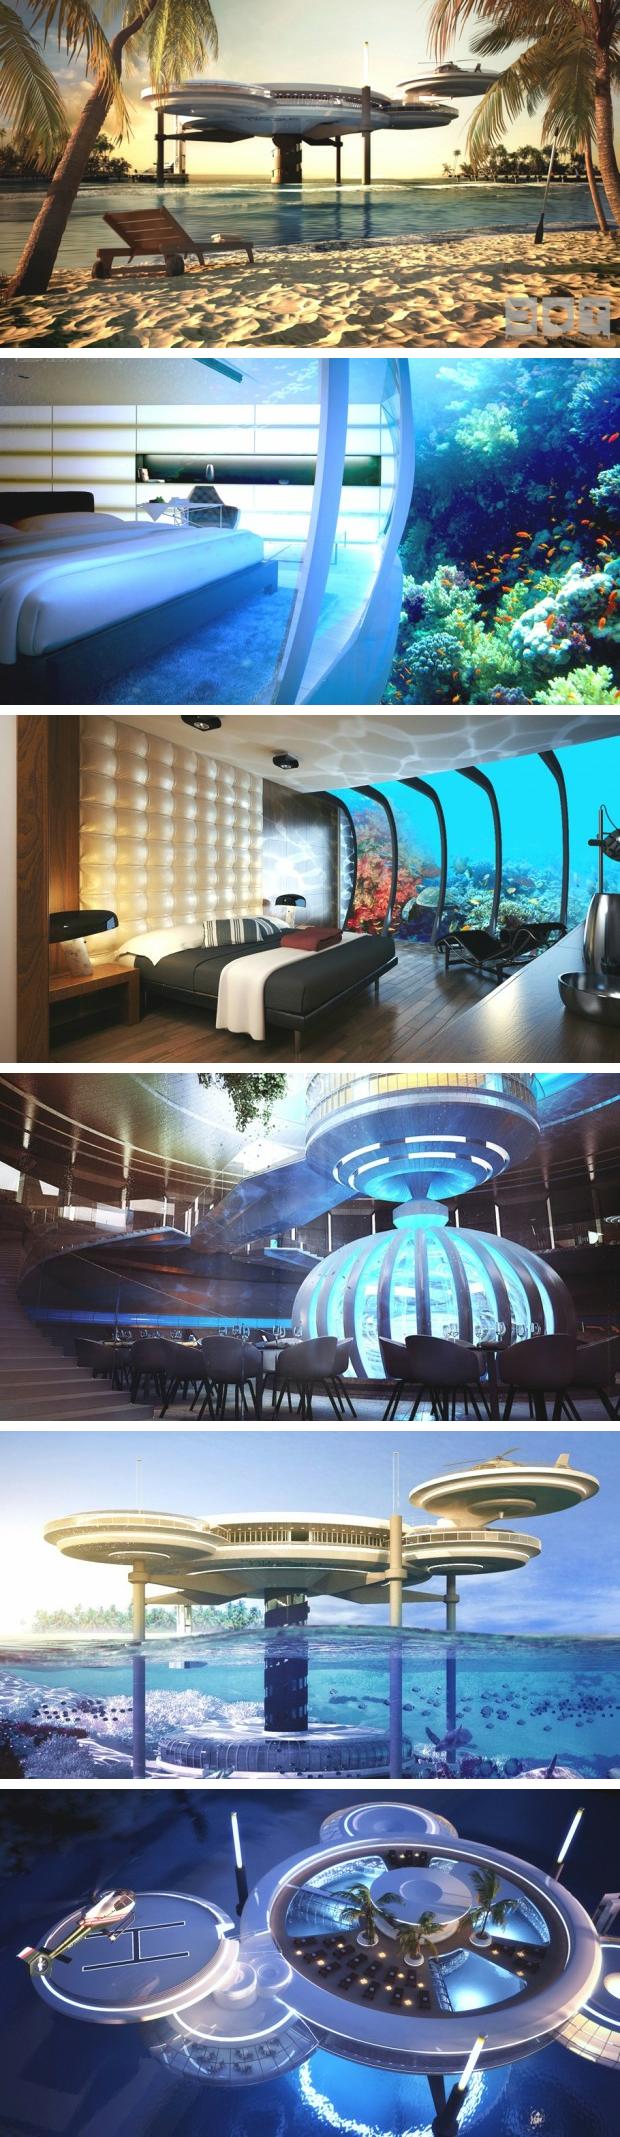 Water Discus Underwater Hotel Concept Dubai